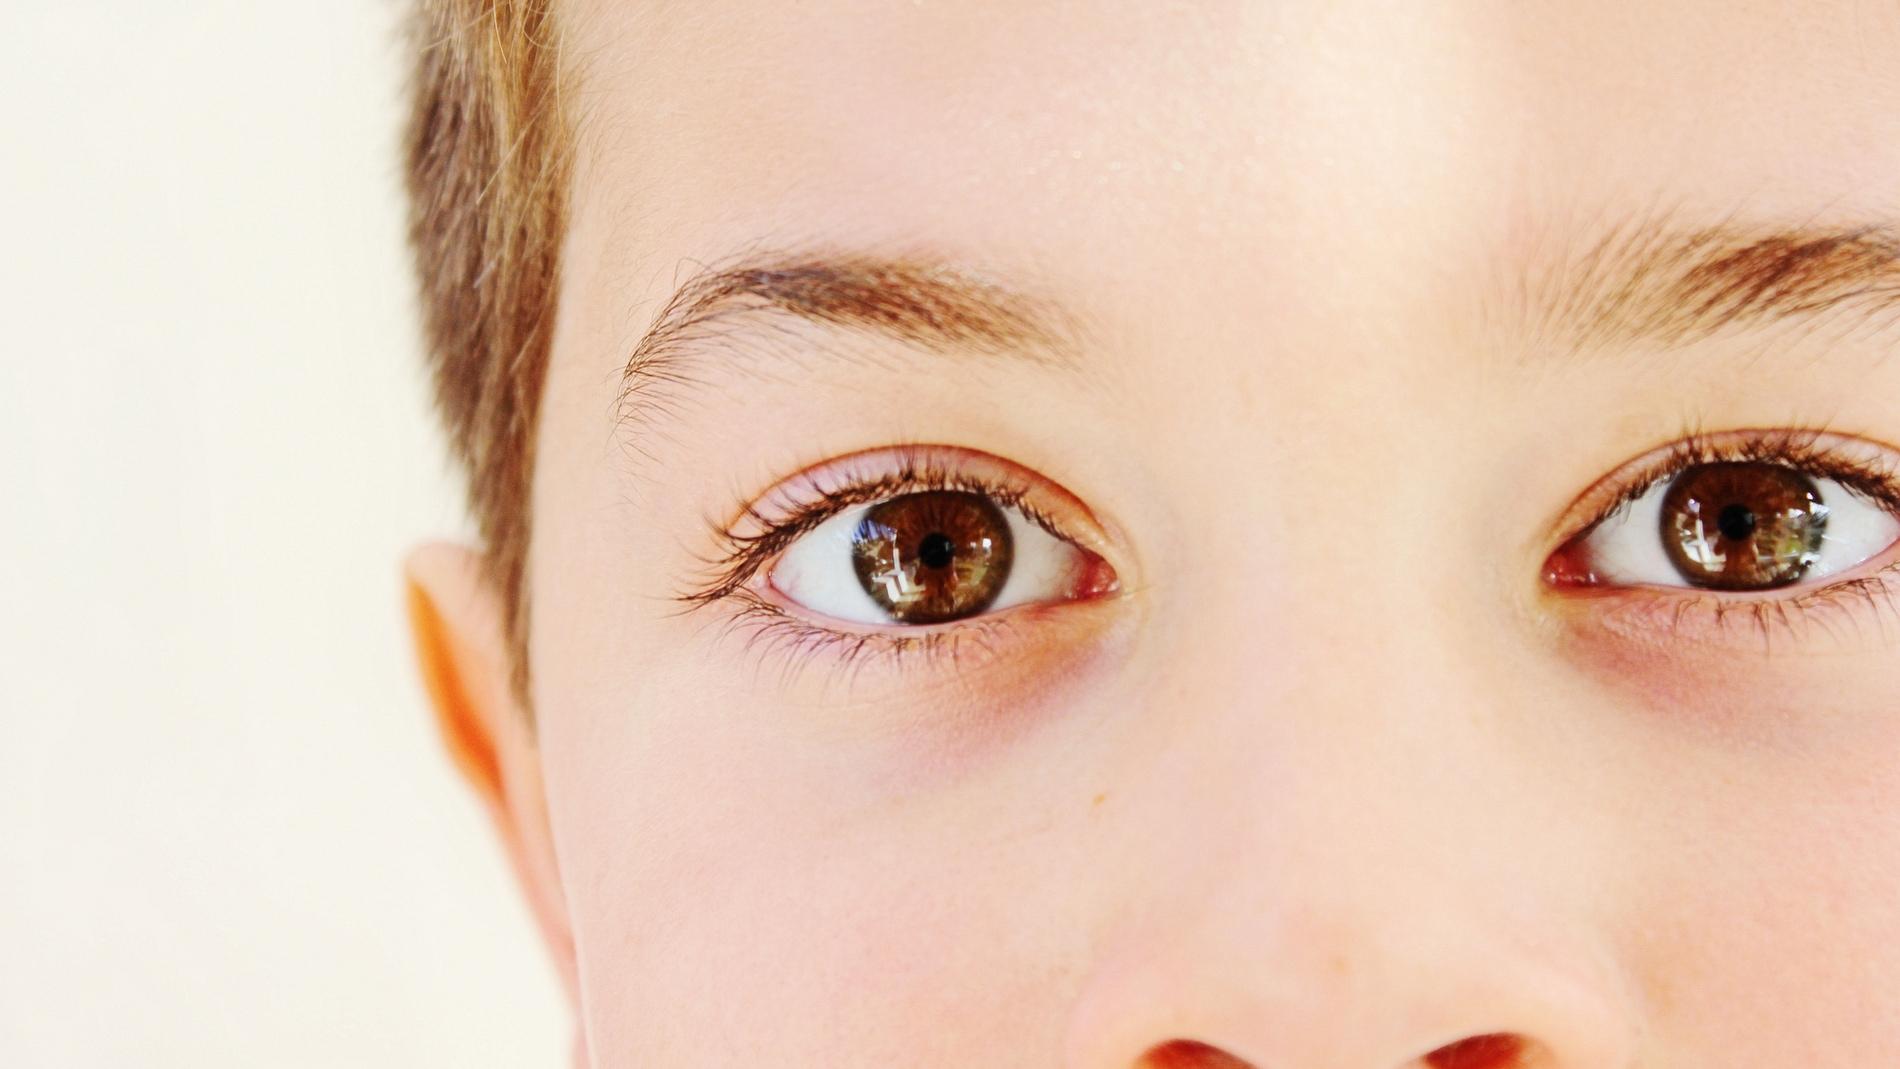 Las distintas partes del rostro son procesadas por neuronas diferentes